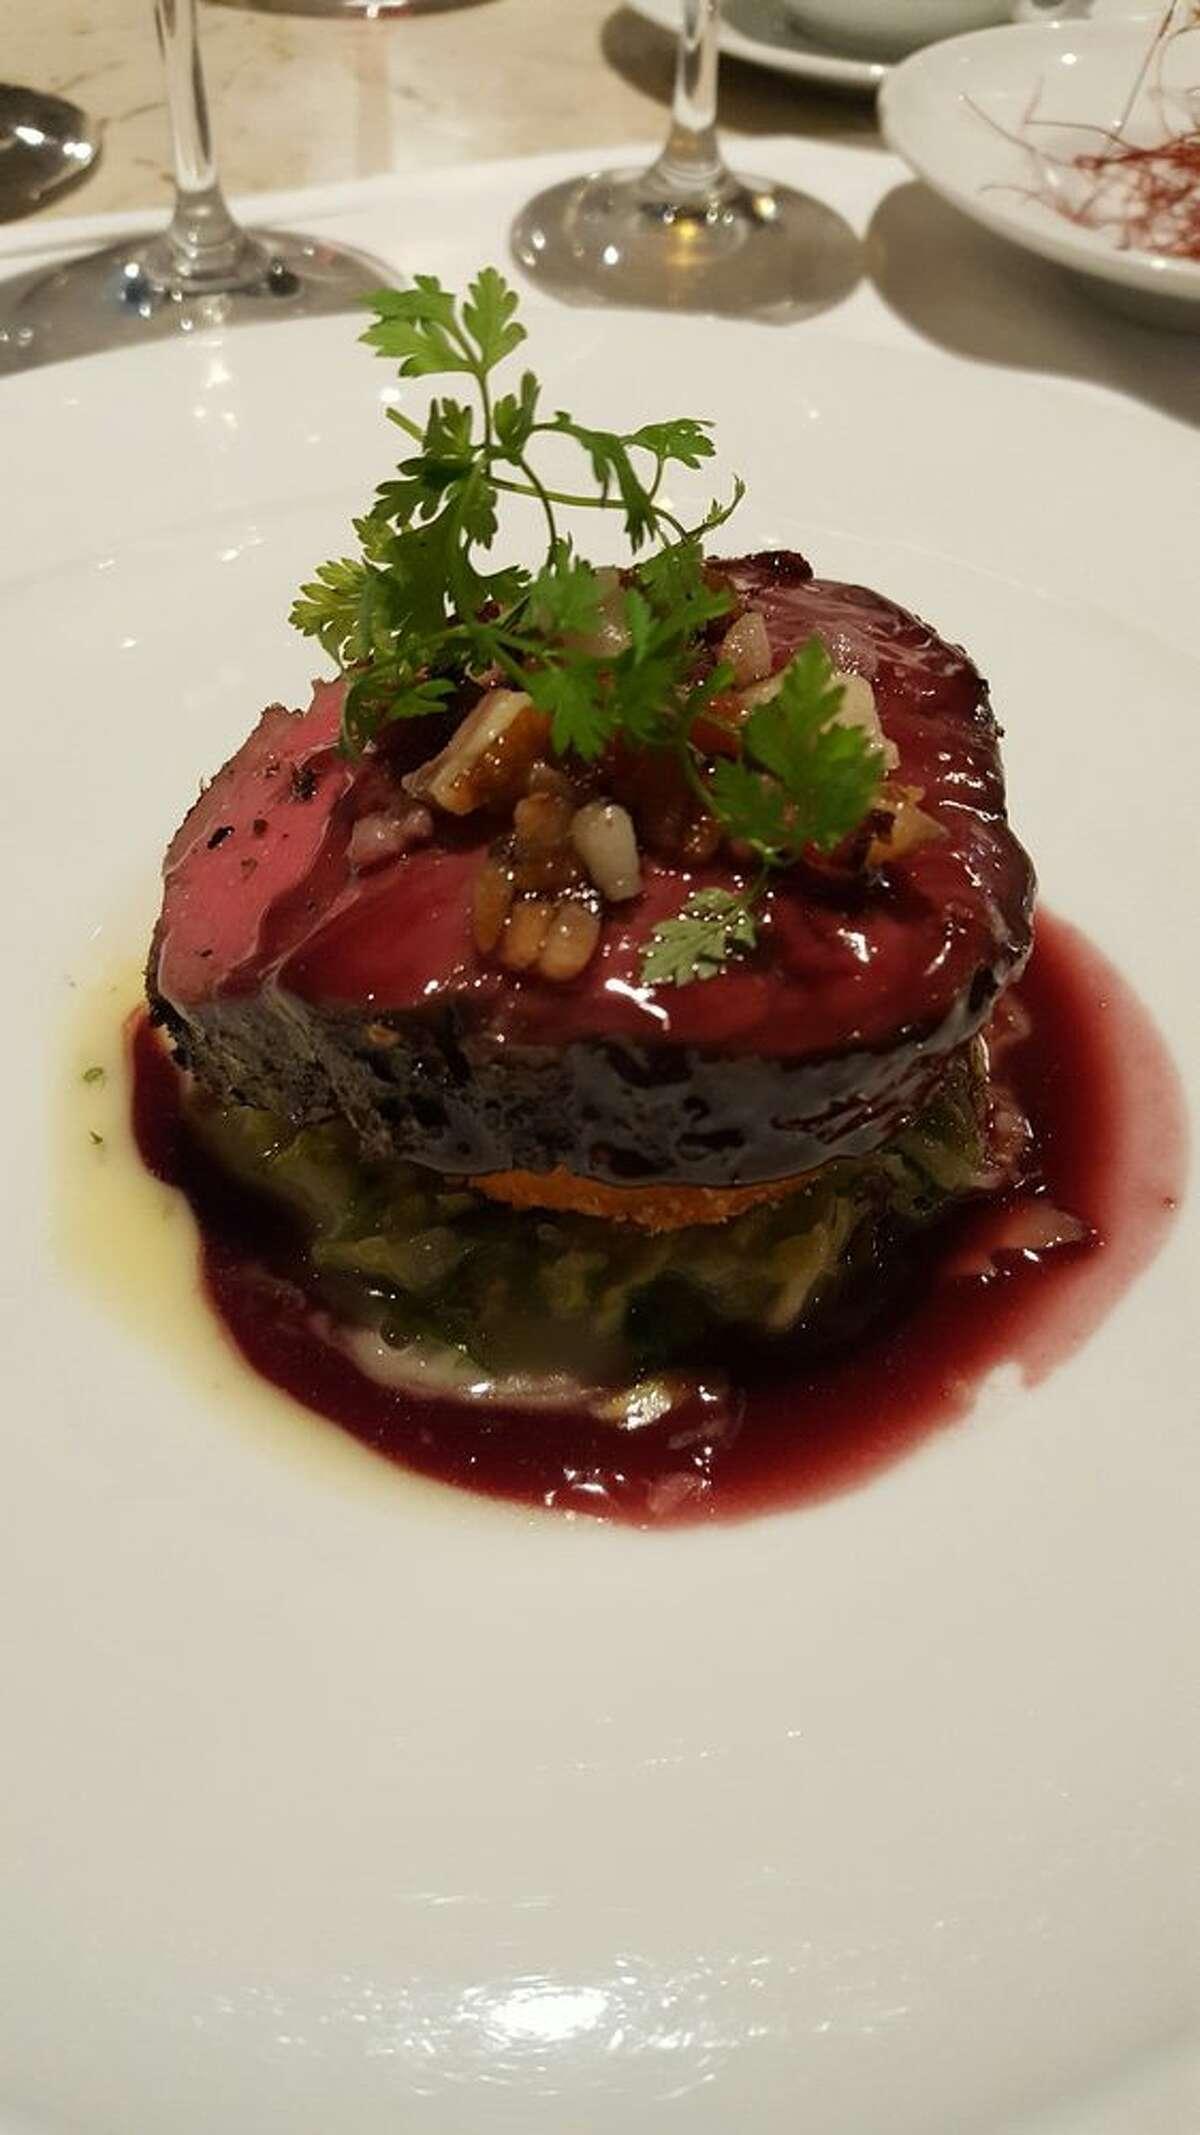 Beef tenderloin at The Kitchen Restaurant in Sacramento.